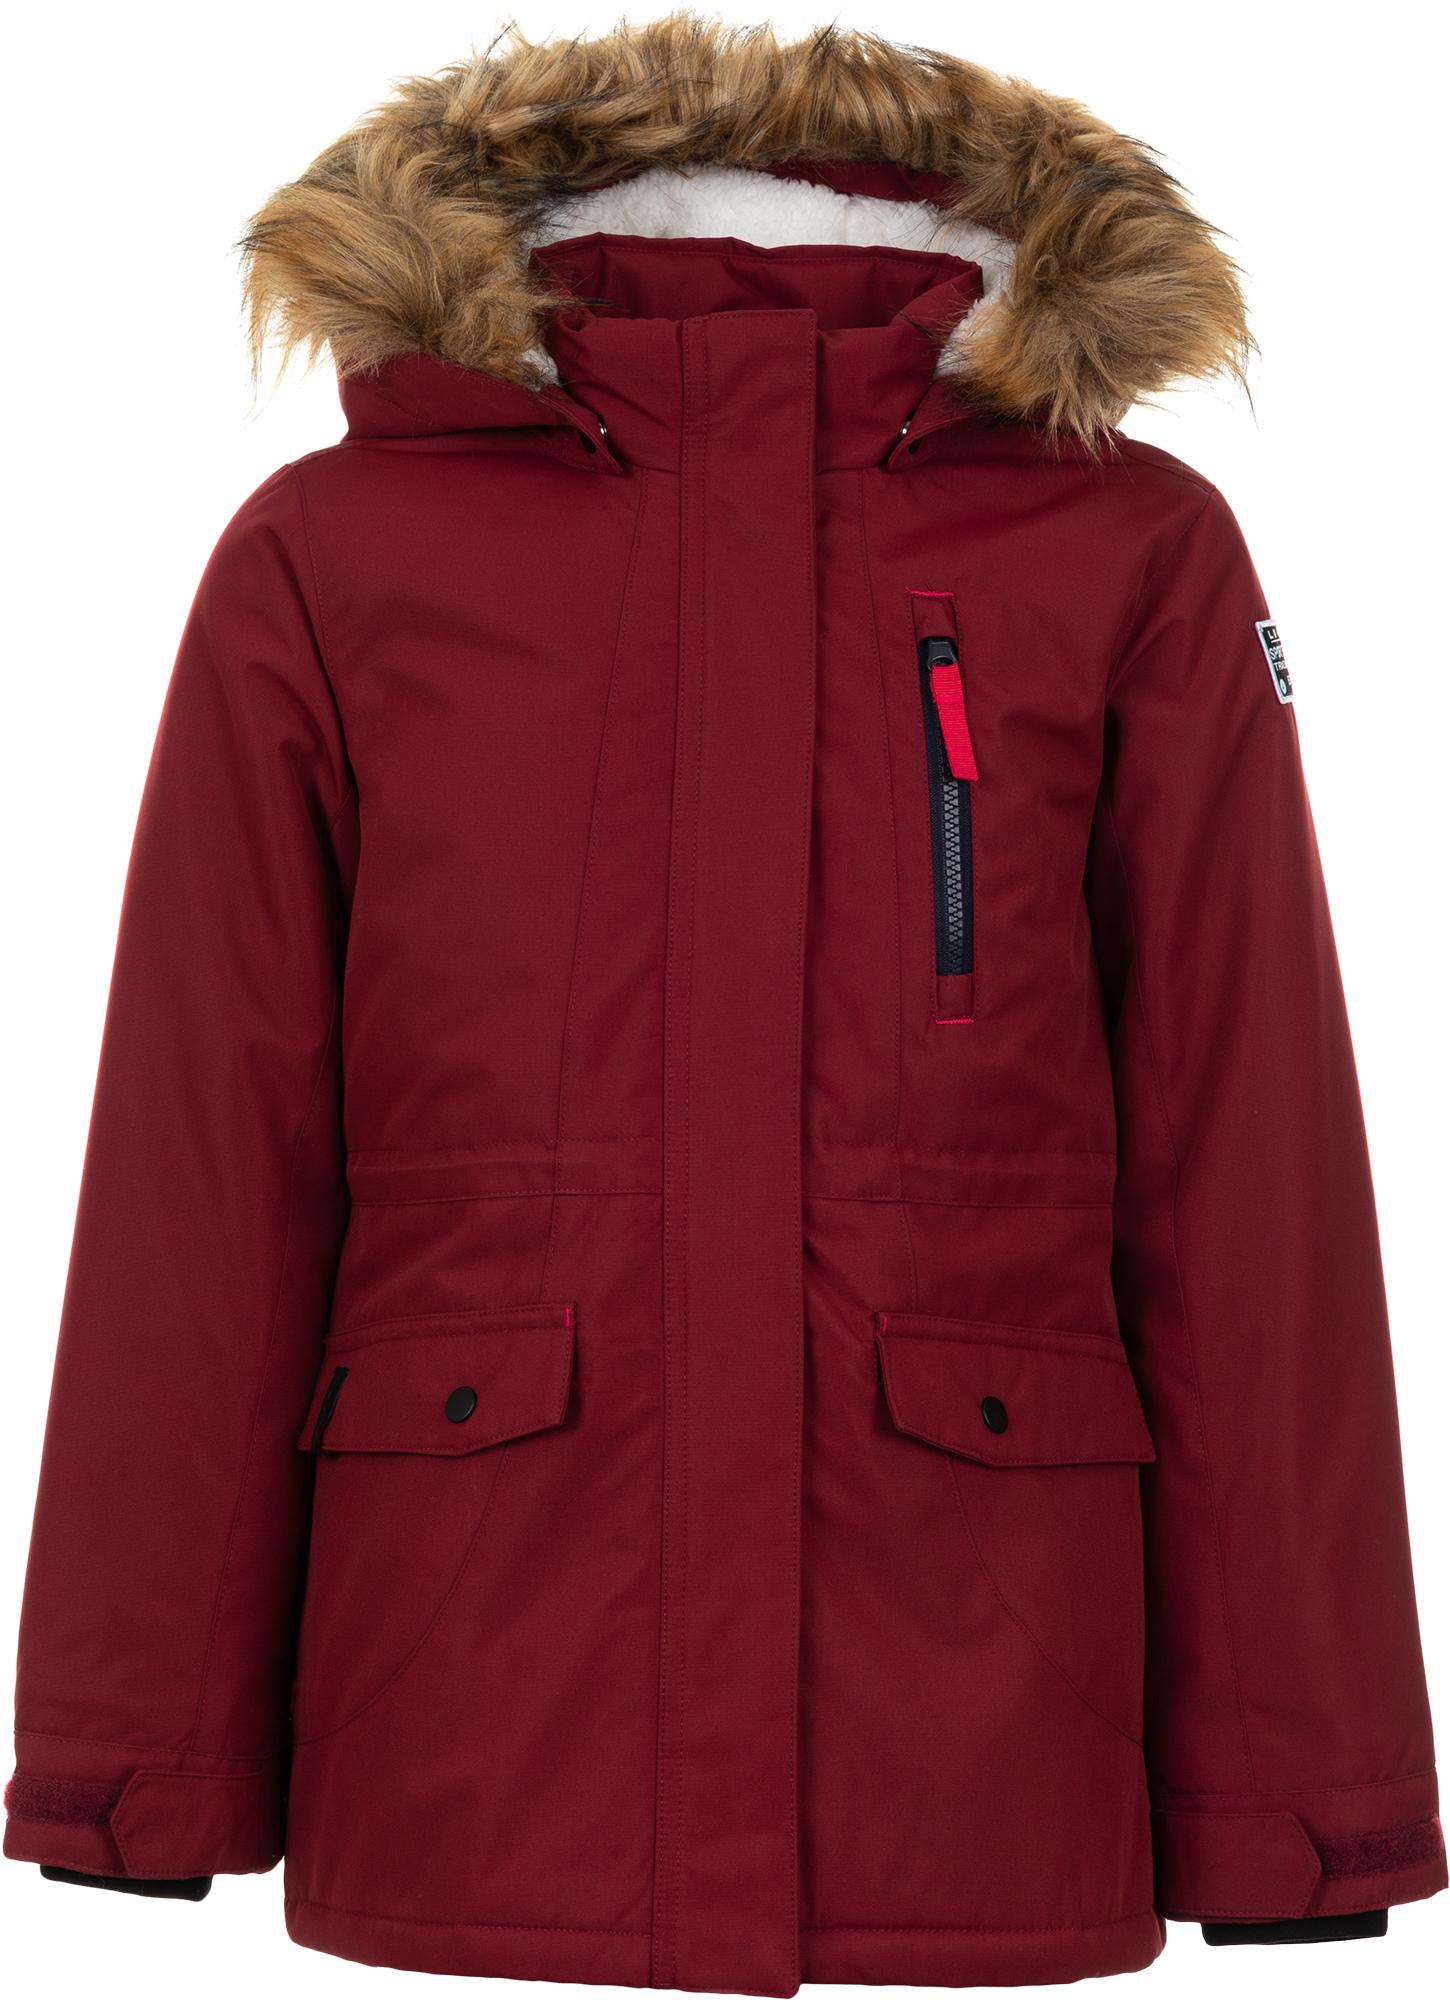 Luhta Куртка утепленная для девочек Luhta Karin, размер 140 luhta куртка утепленная женская luhta petre размер 52